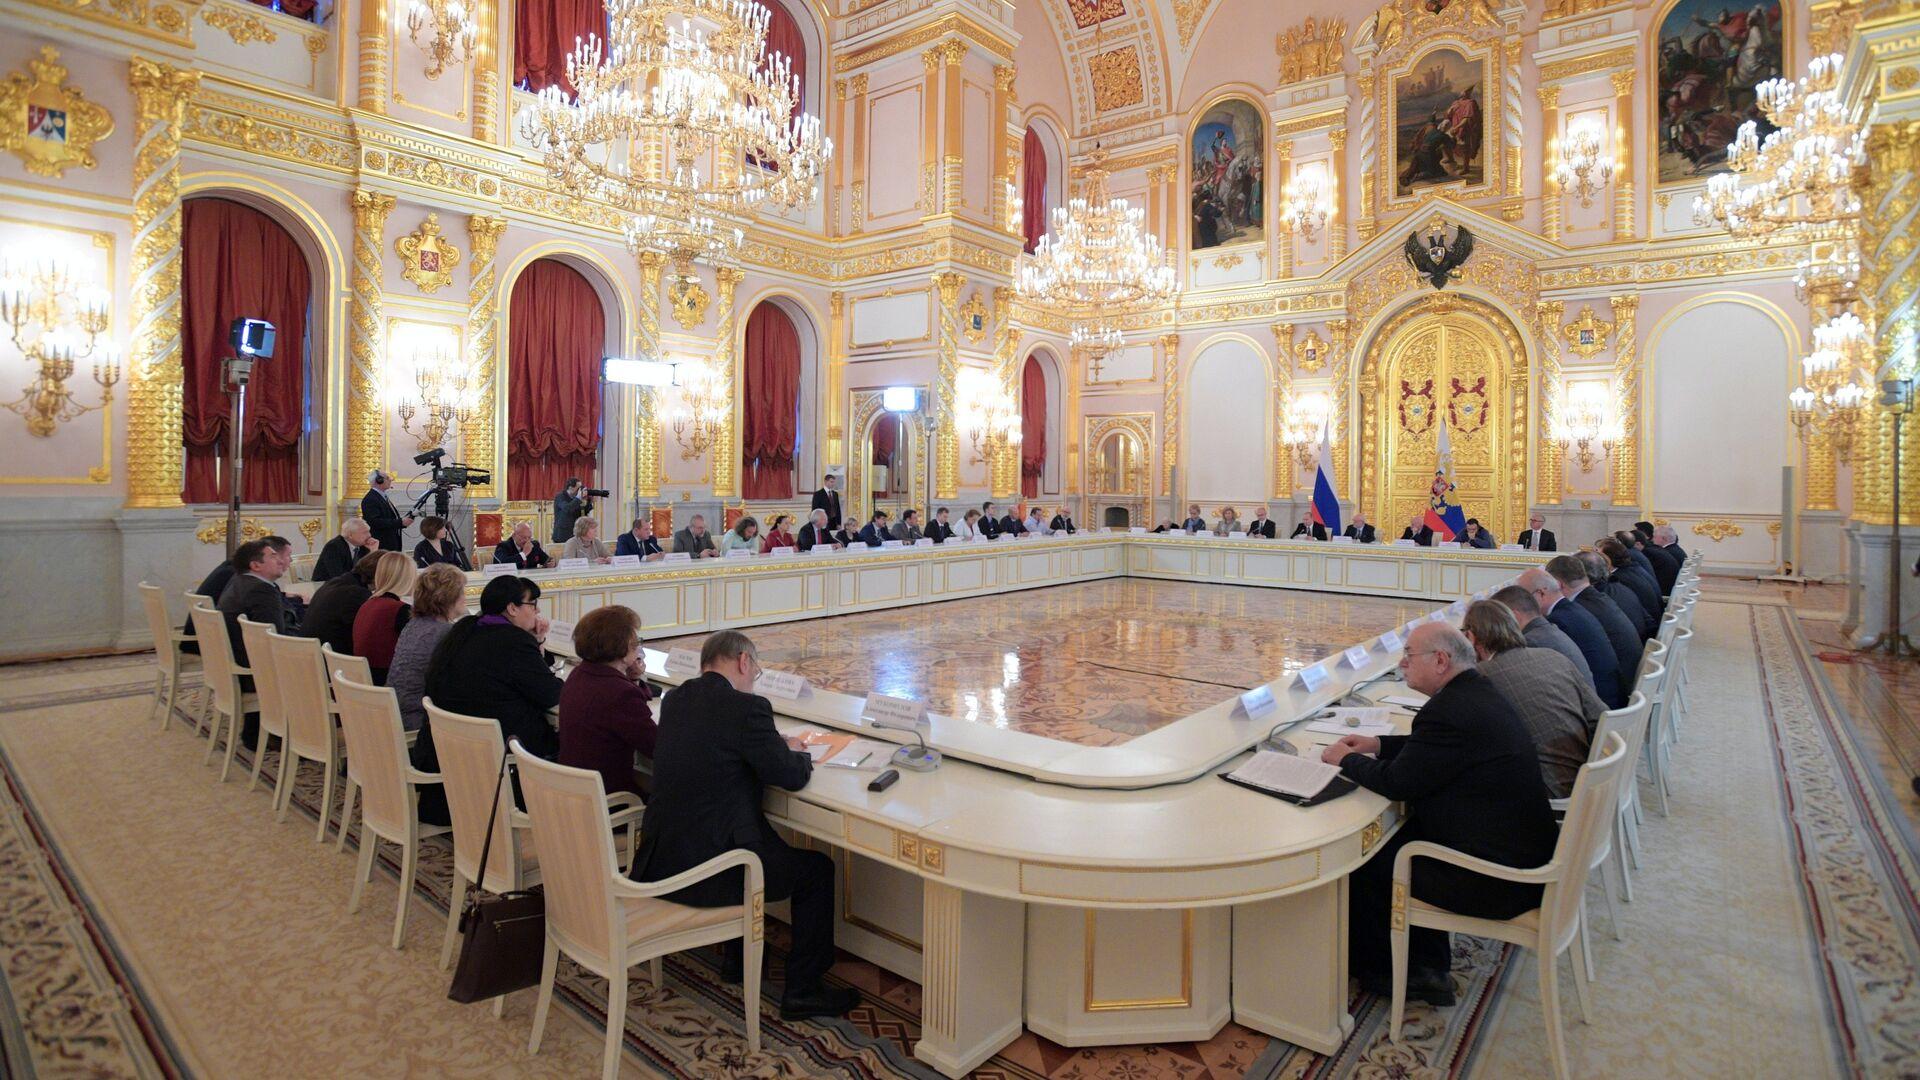 Президент РФ Владимир Путин проводит заседание Совета по развитию гражданского общества и правам человека. 8 декабря 2016 - РИА Новости, 1920, 17.03.2021